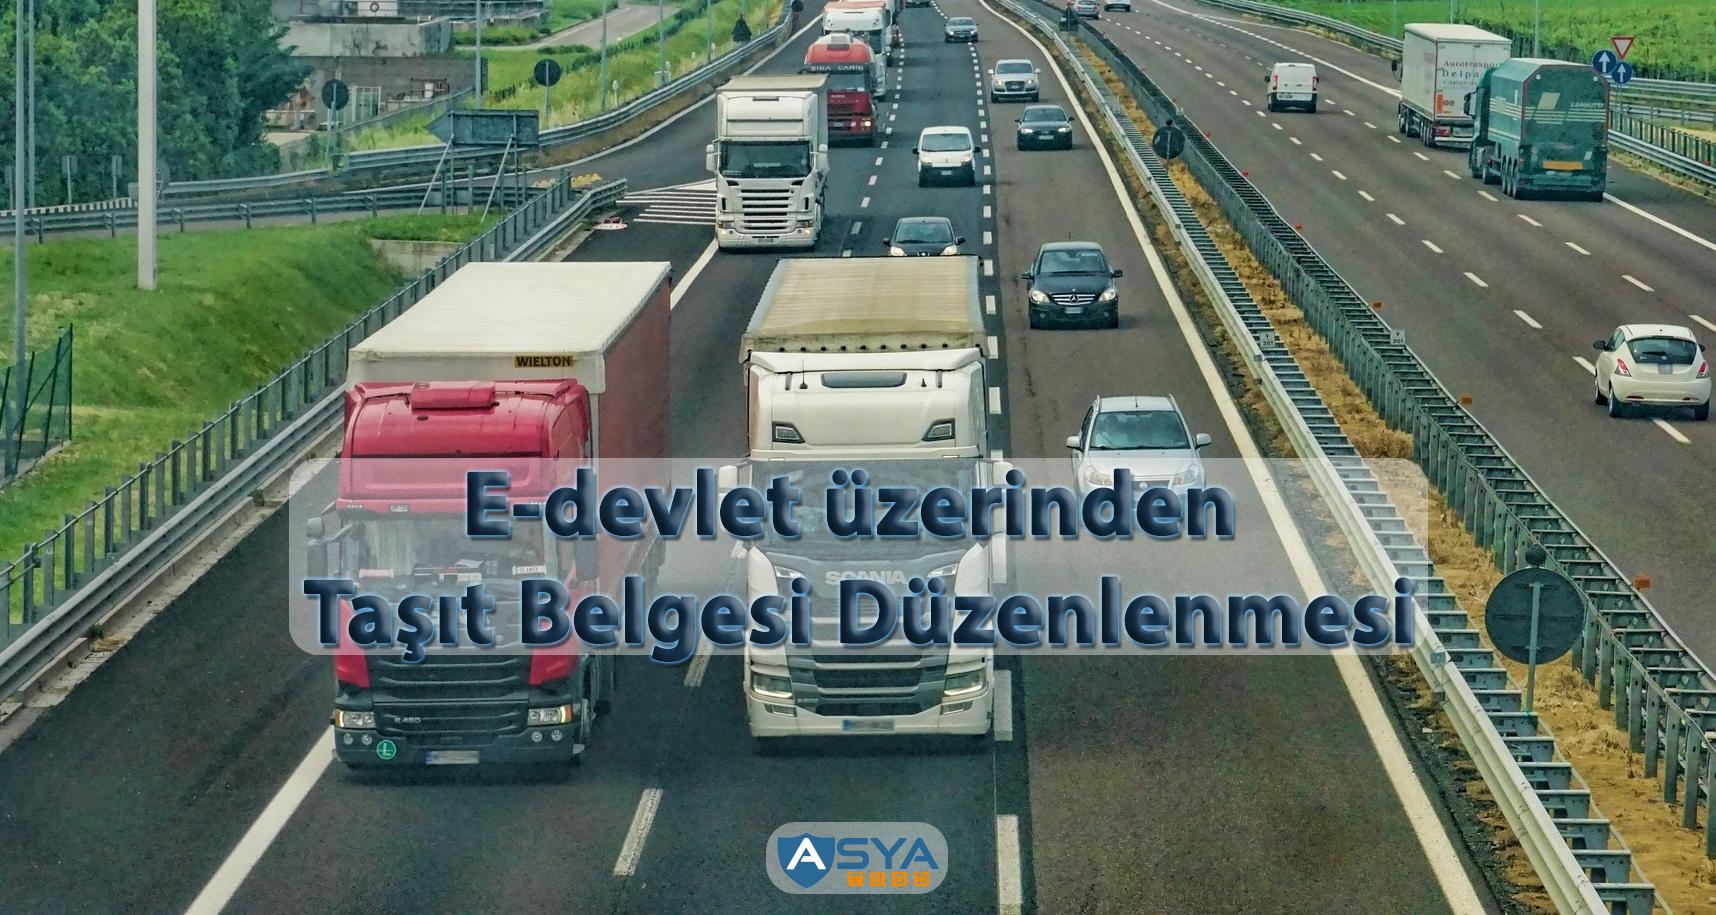 E-devlet üzerinden Taşıt Belgesi Düzenlenmesi yazısı kapak resmi